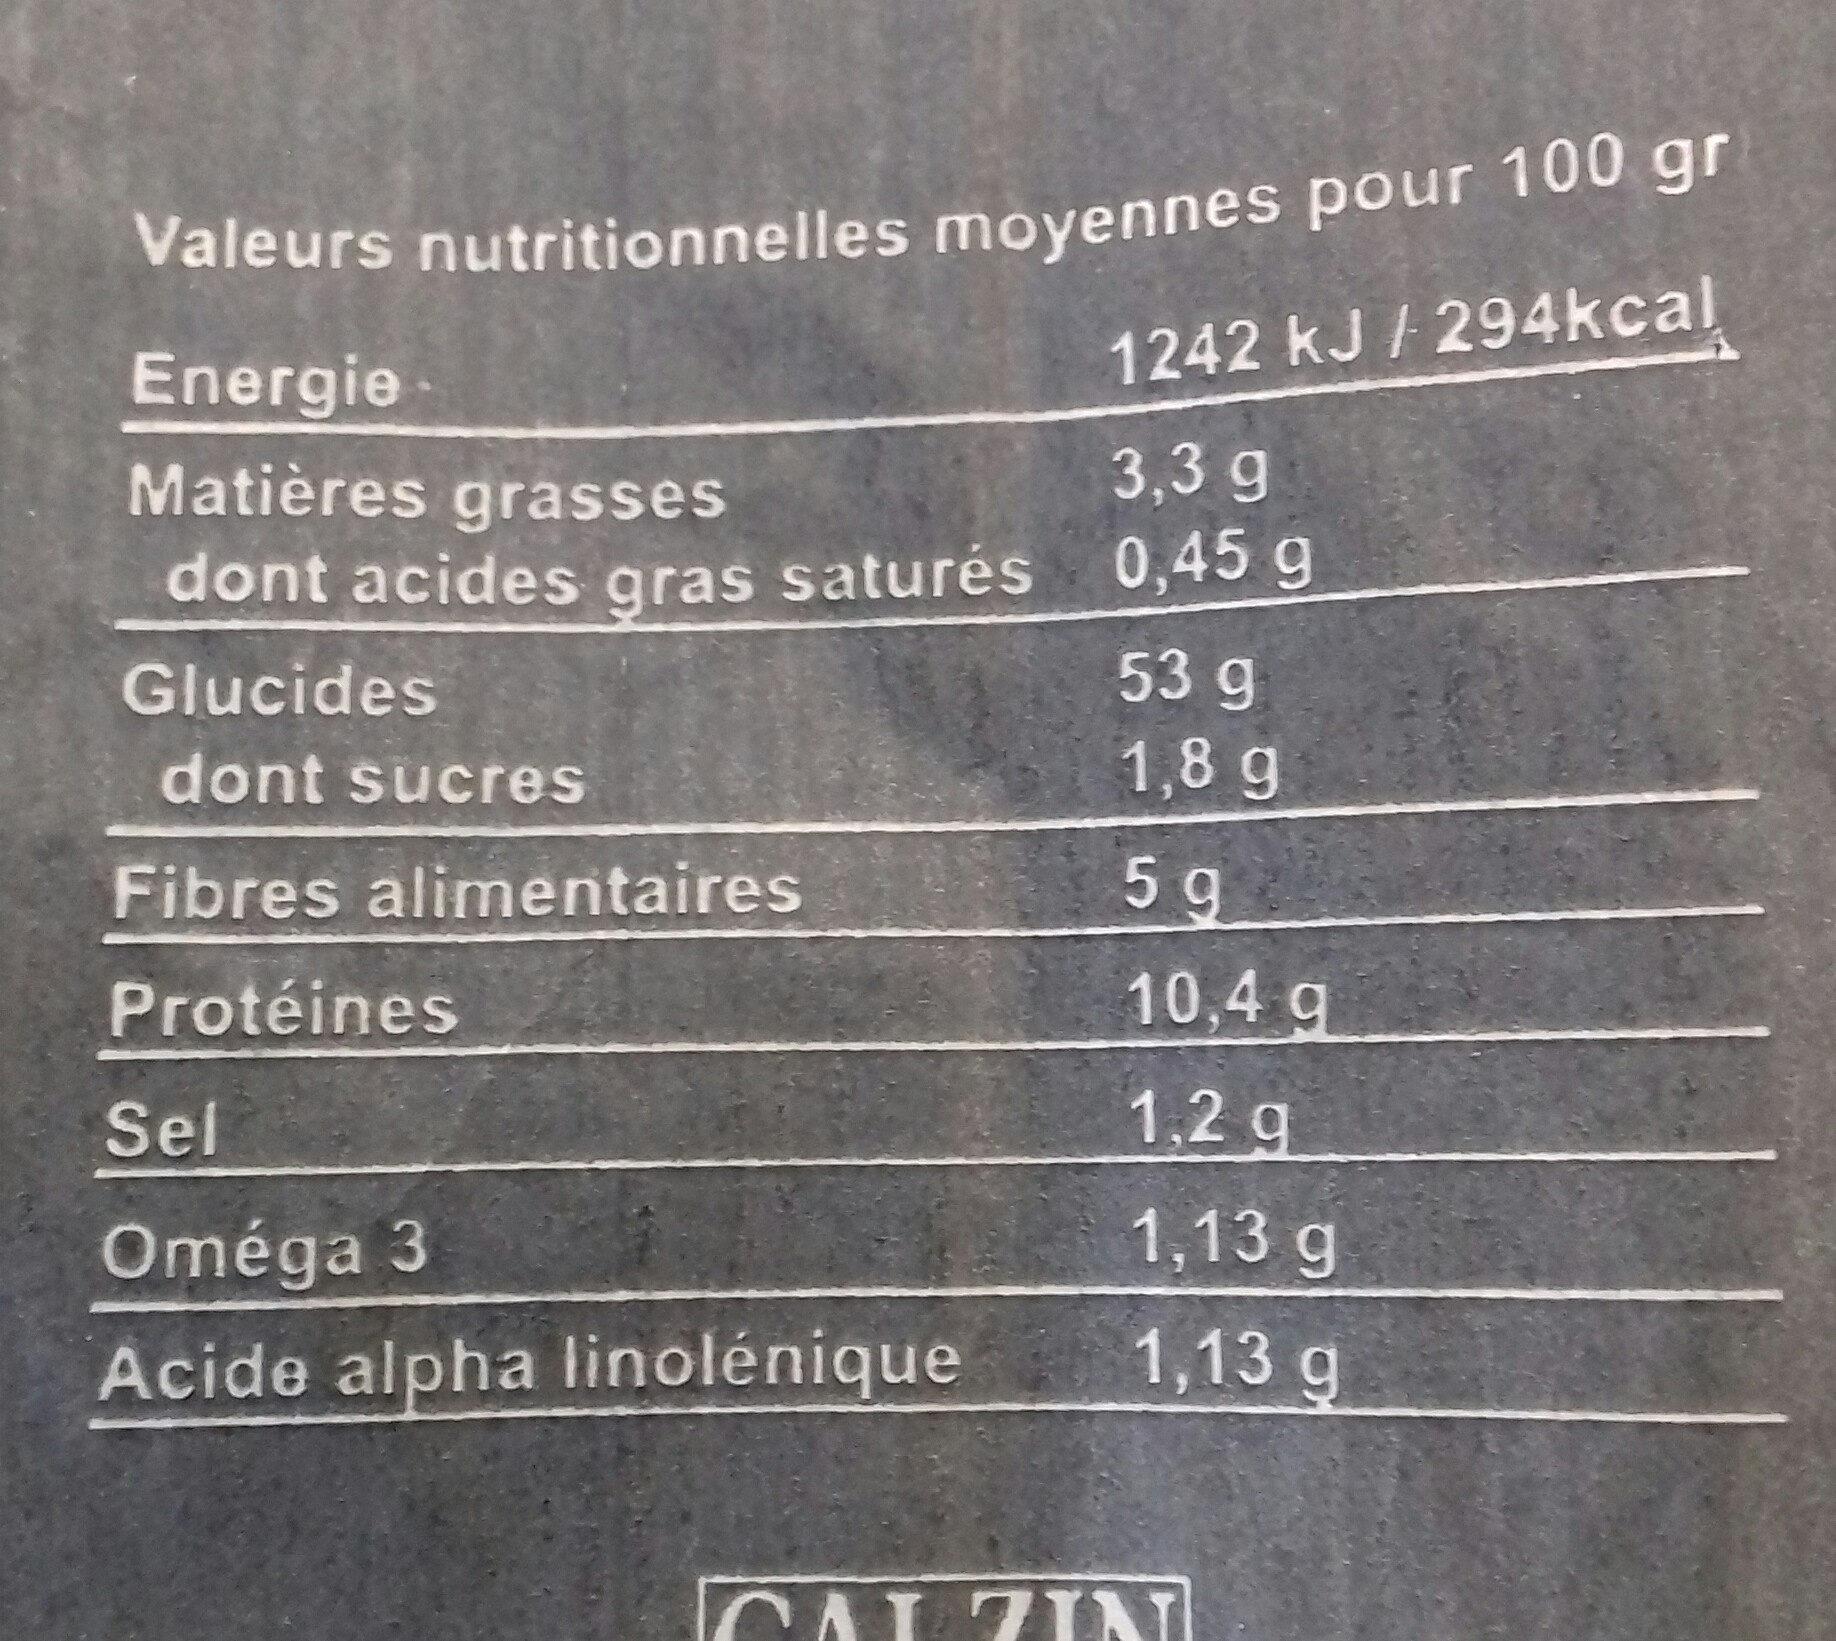 La Millavoise aux 6 graines - Informations nutritionnelles - fr